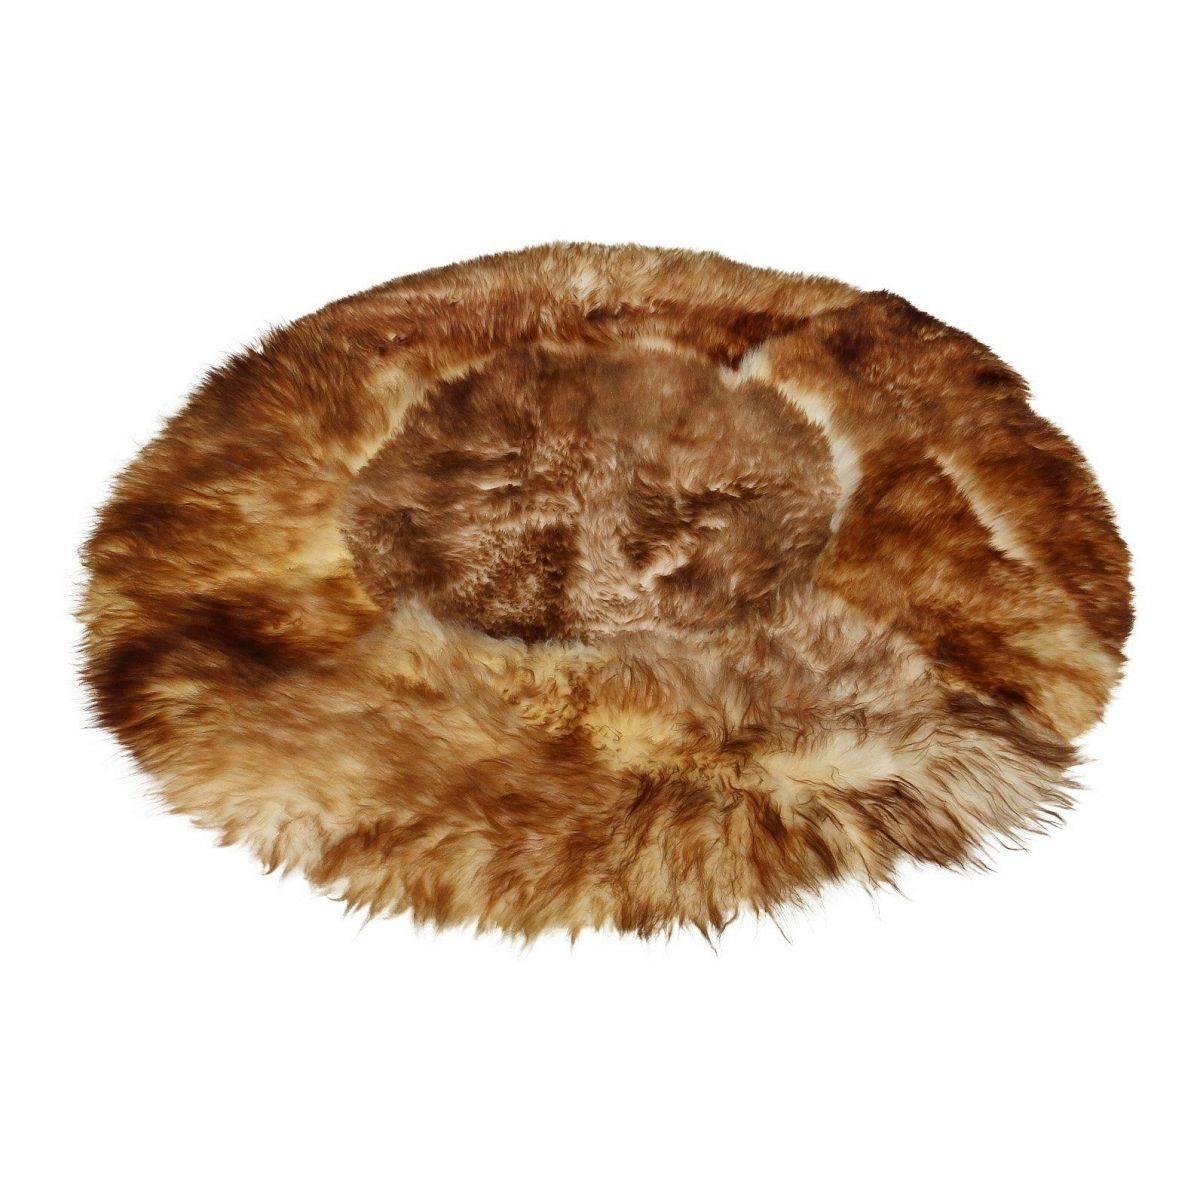 lammfellteppich 82 16 fell teppich 130 cm natur wei geflammte spitzen rund ebay. Black Bedroom Furniture Sets. Home Design Ideas